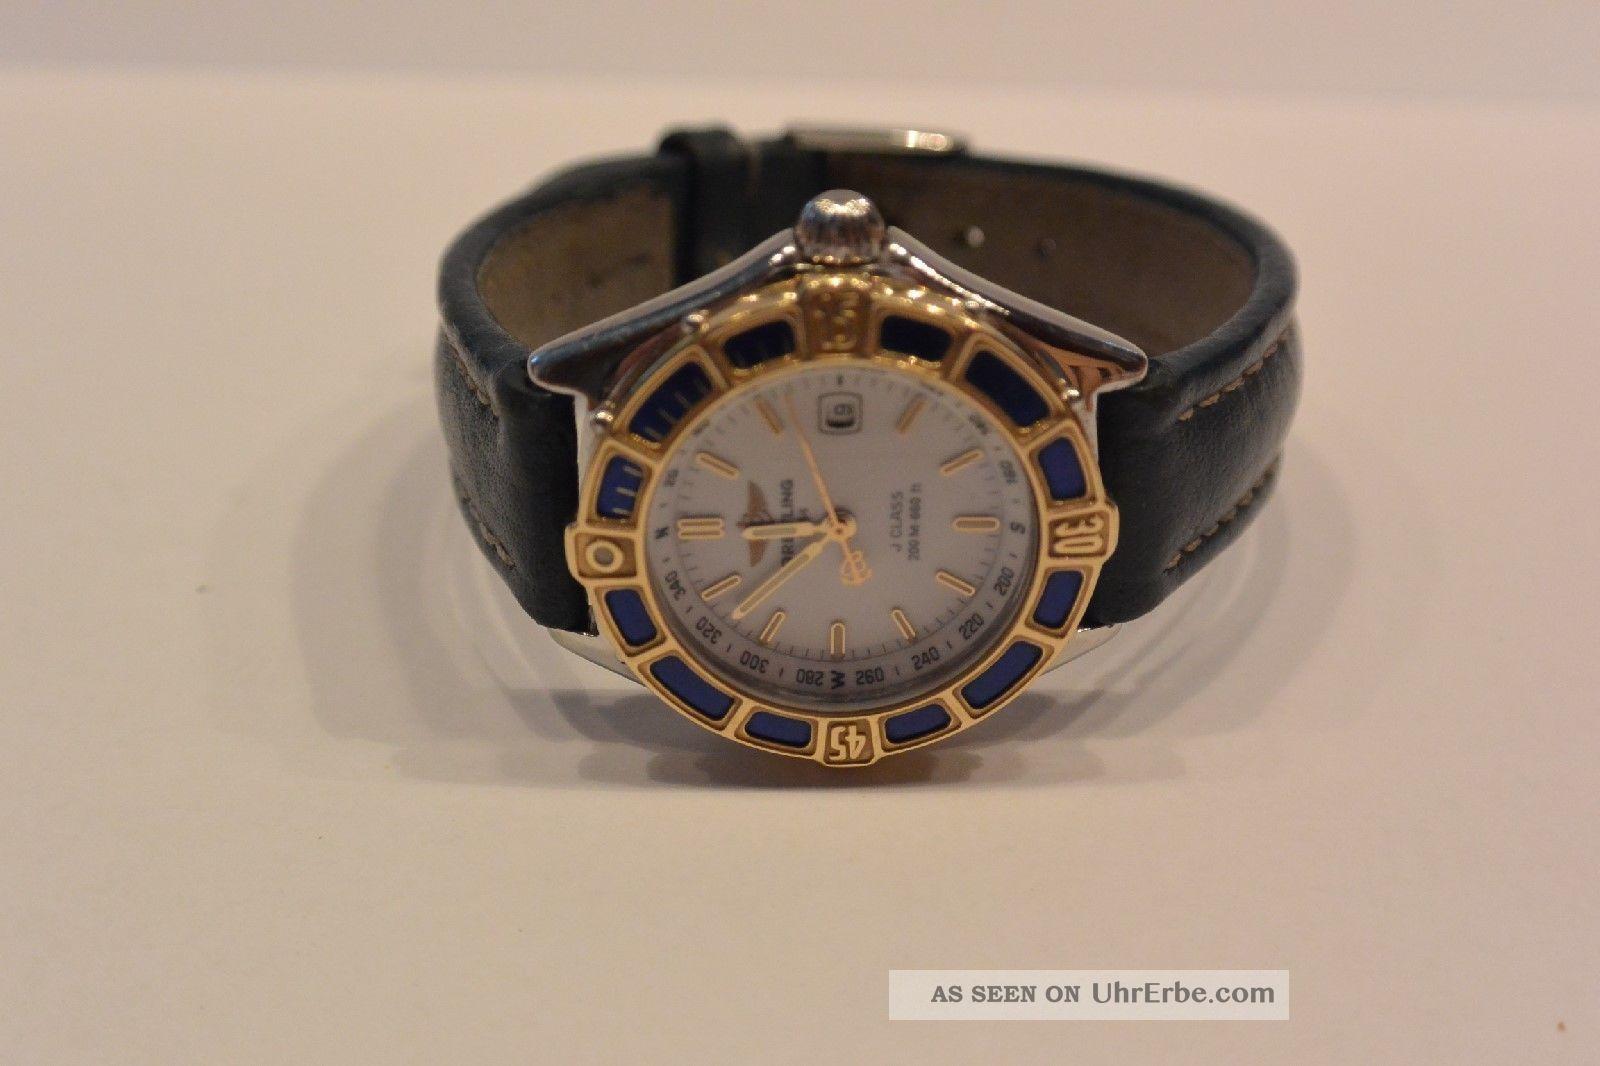 Breitling Damenuhr Armbanduhren Bild